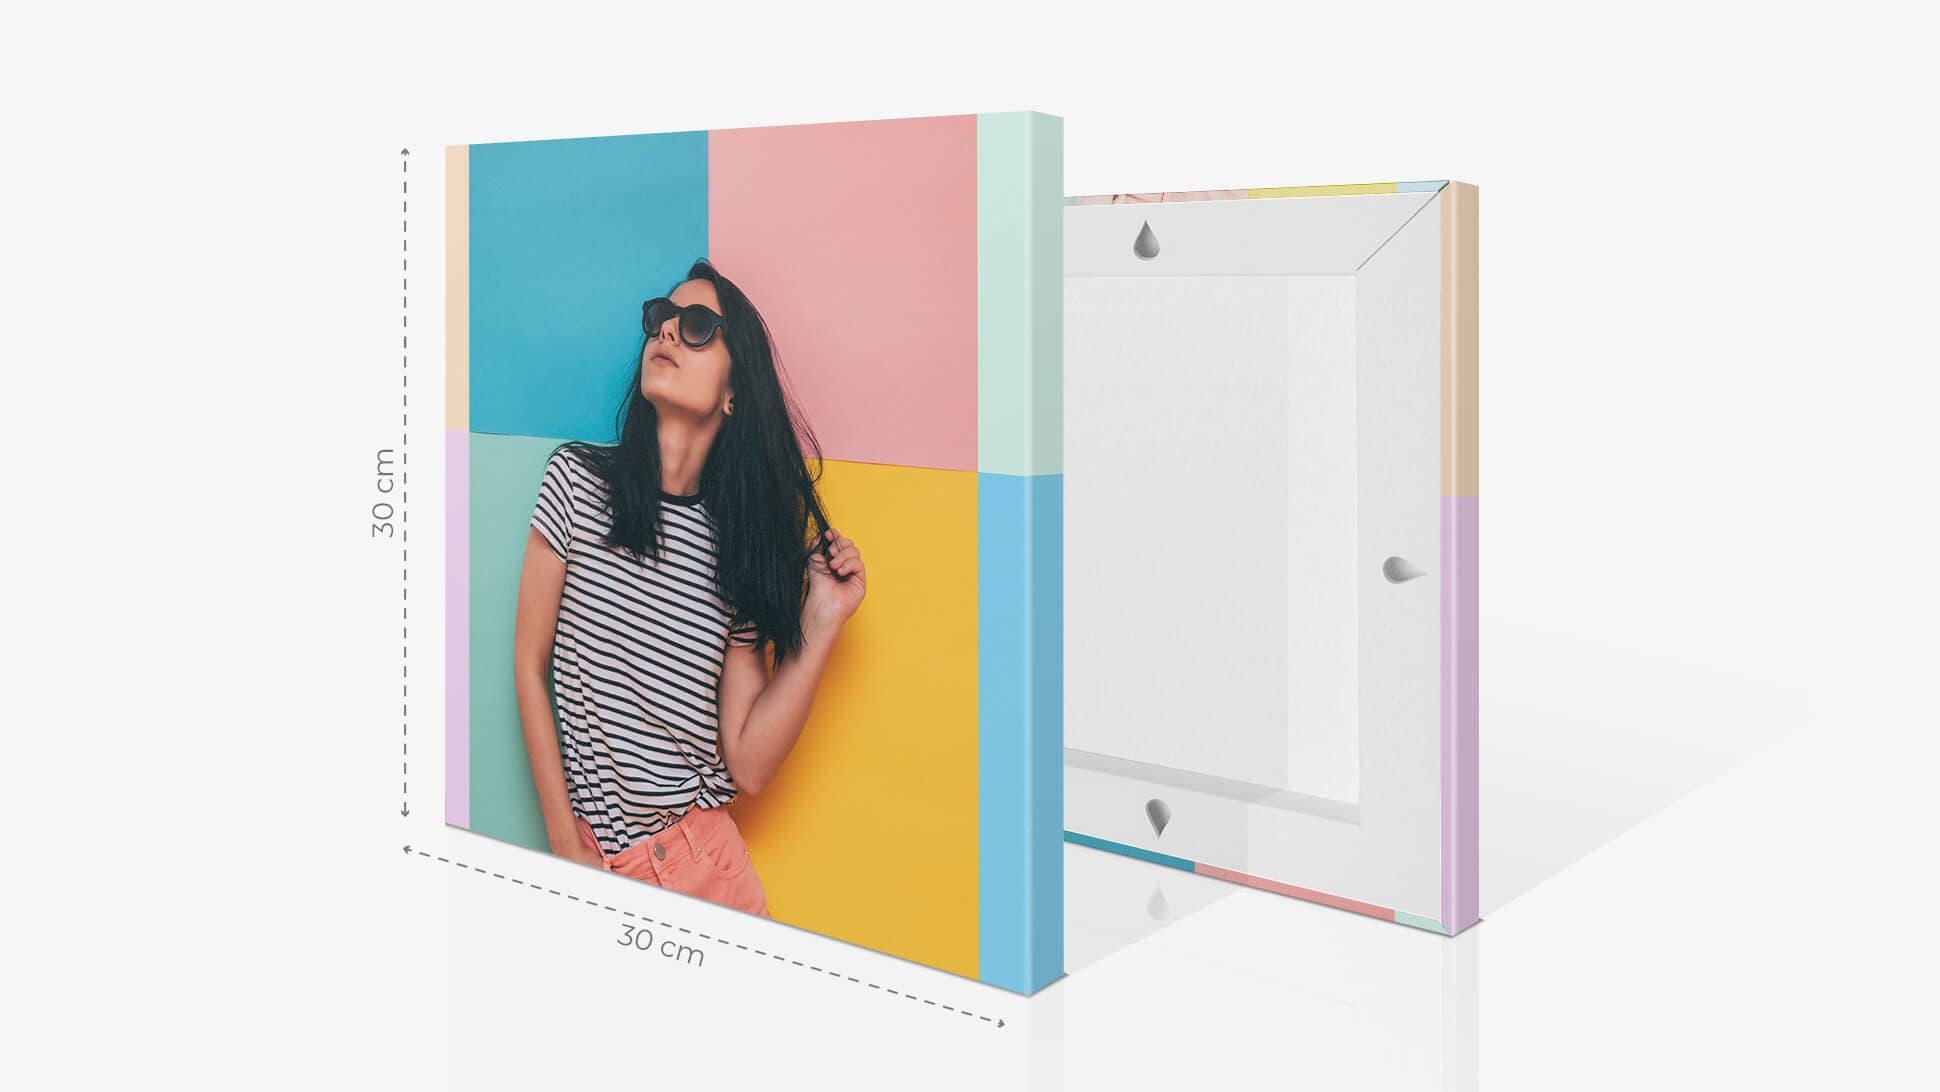 Fotoquadro 30x30cm con grafica | tictac.it